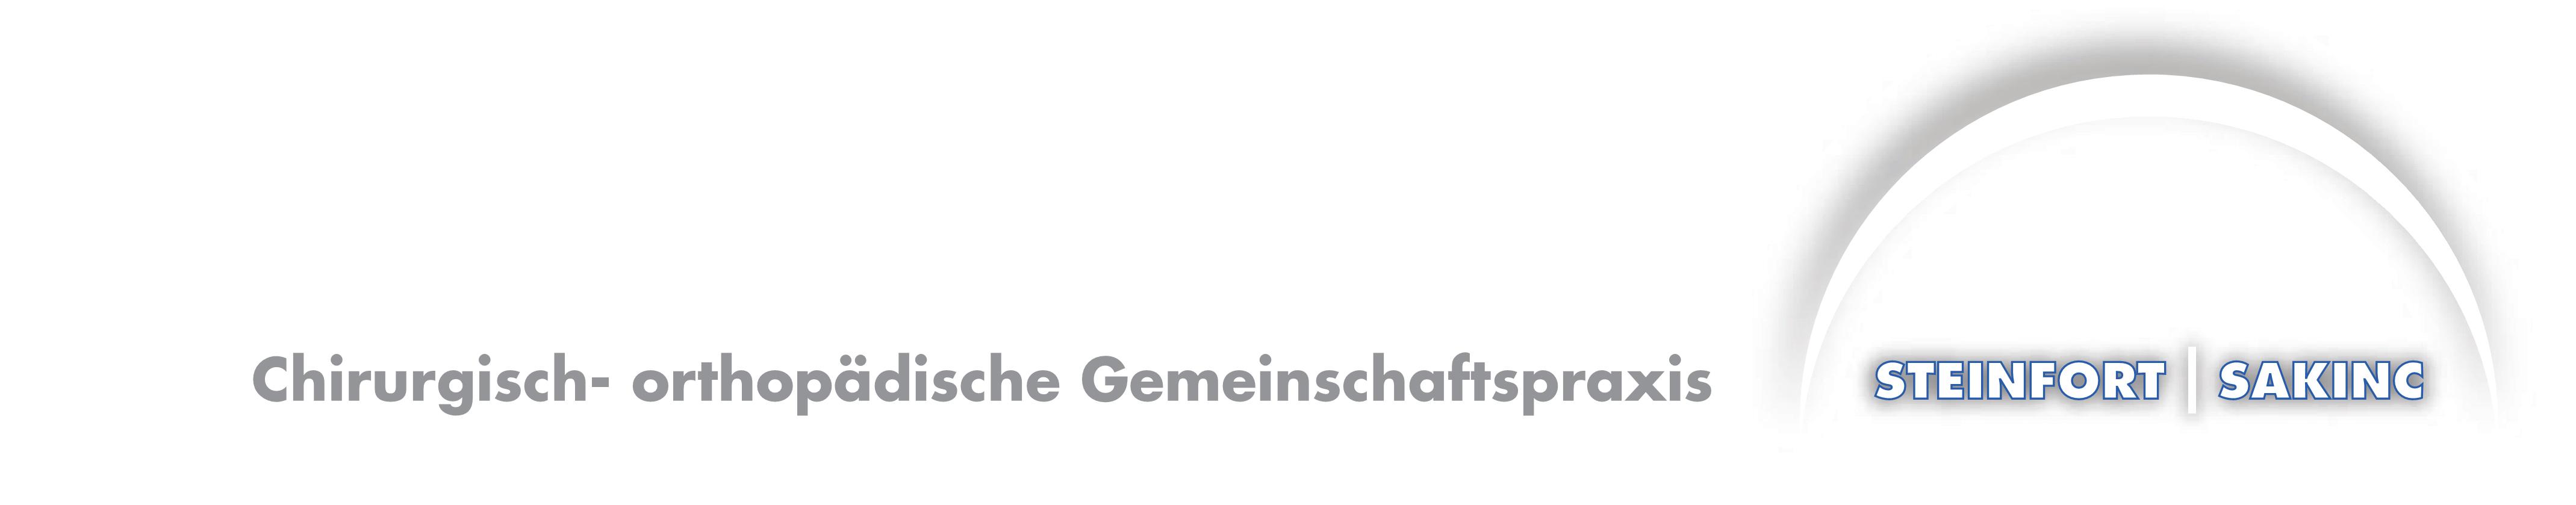 Chirurgisch – orthopädische Gemeinschaftspraxis | Dr. med. Heinrich Steinfort / FA. Talip Sakinc|